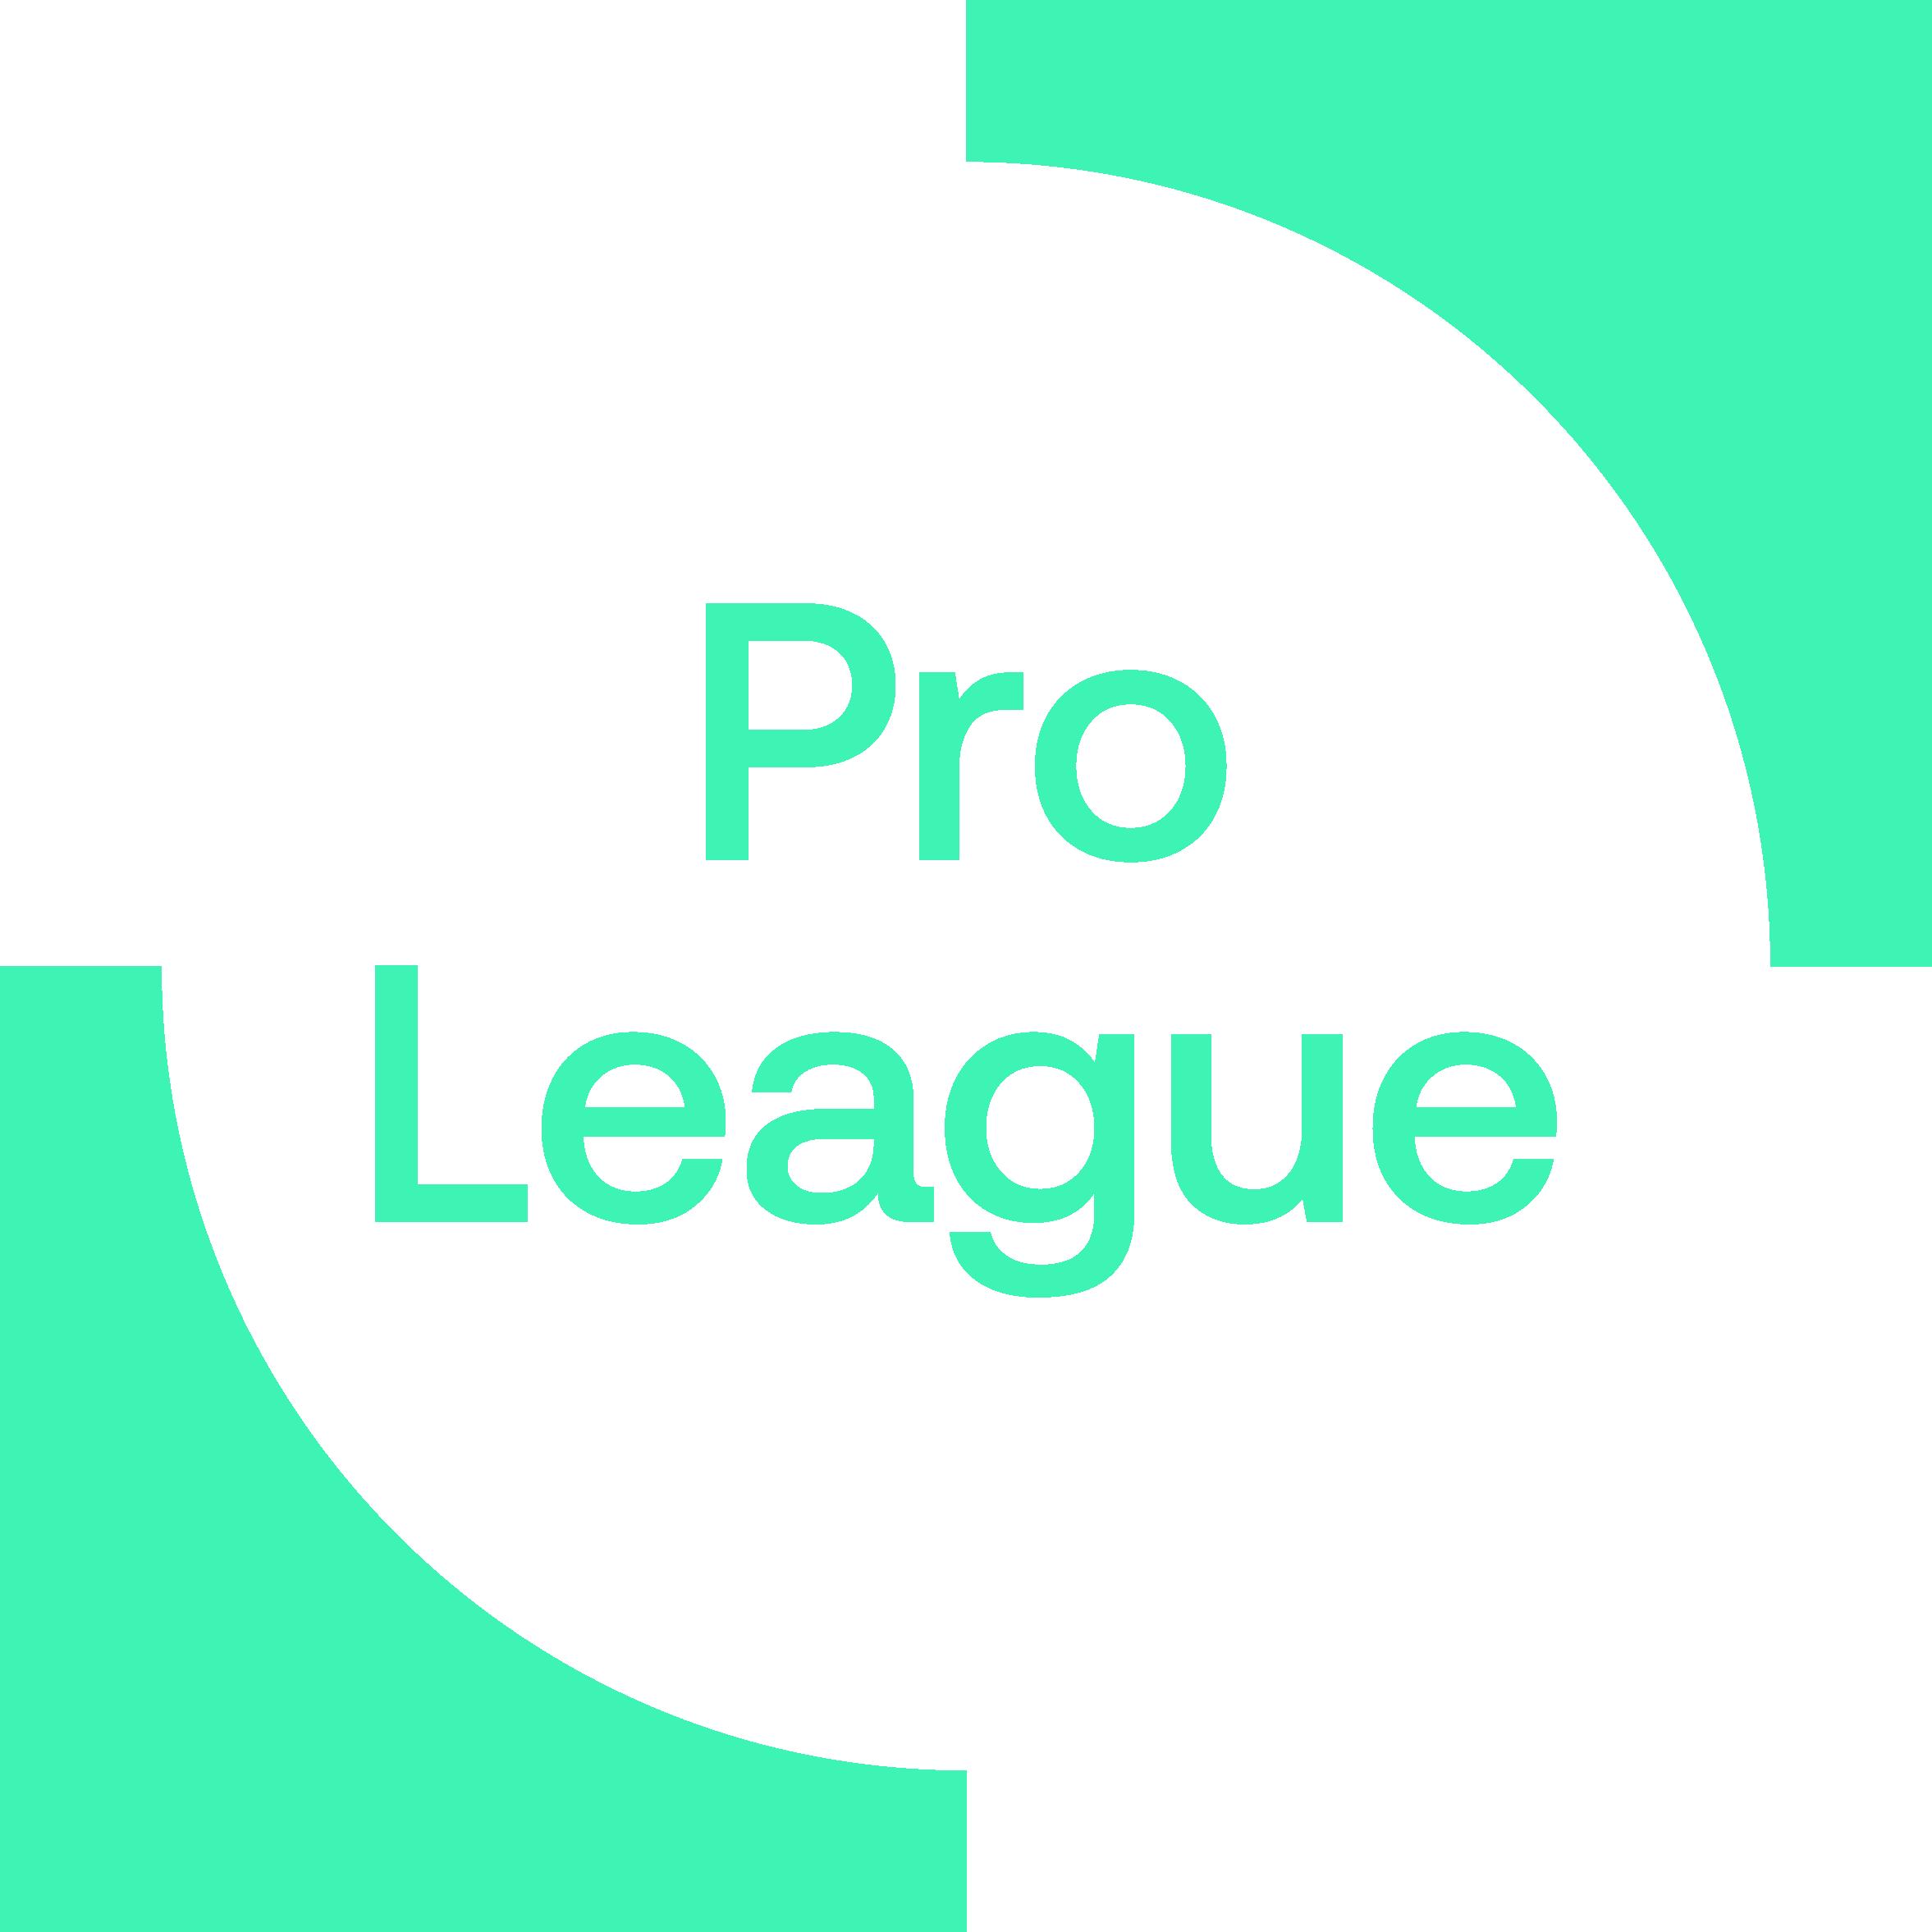 Pro League logo